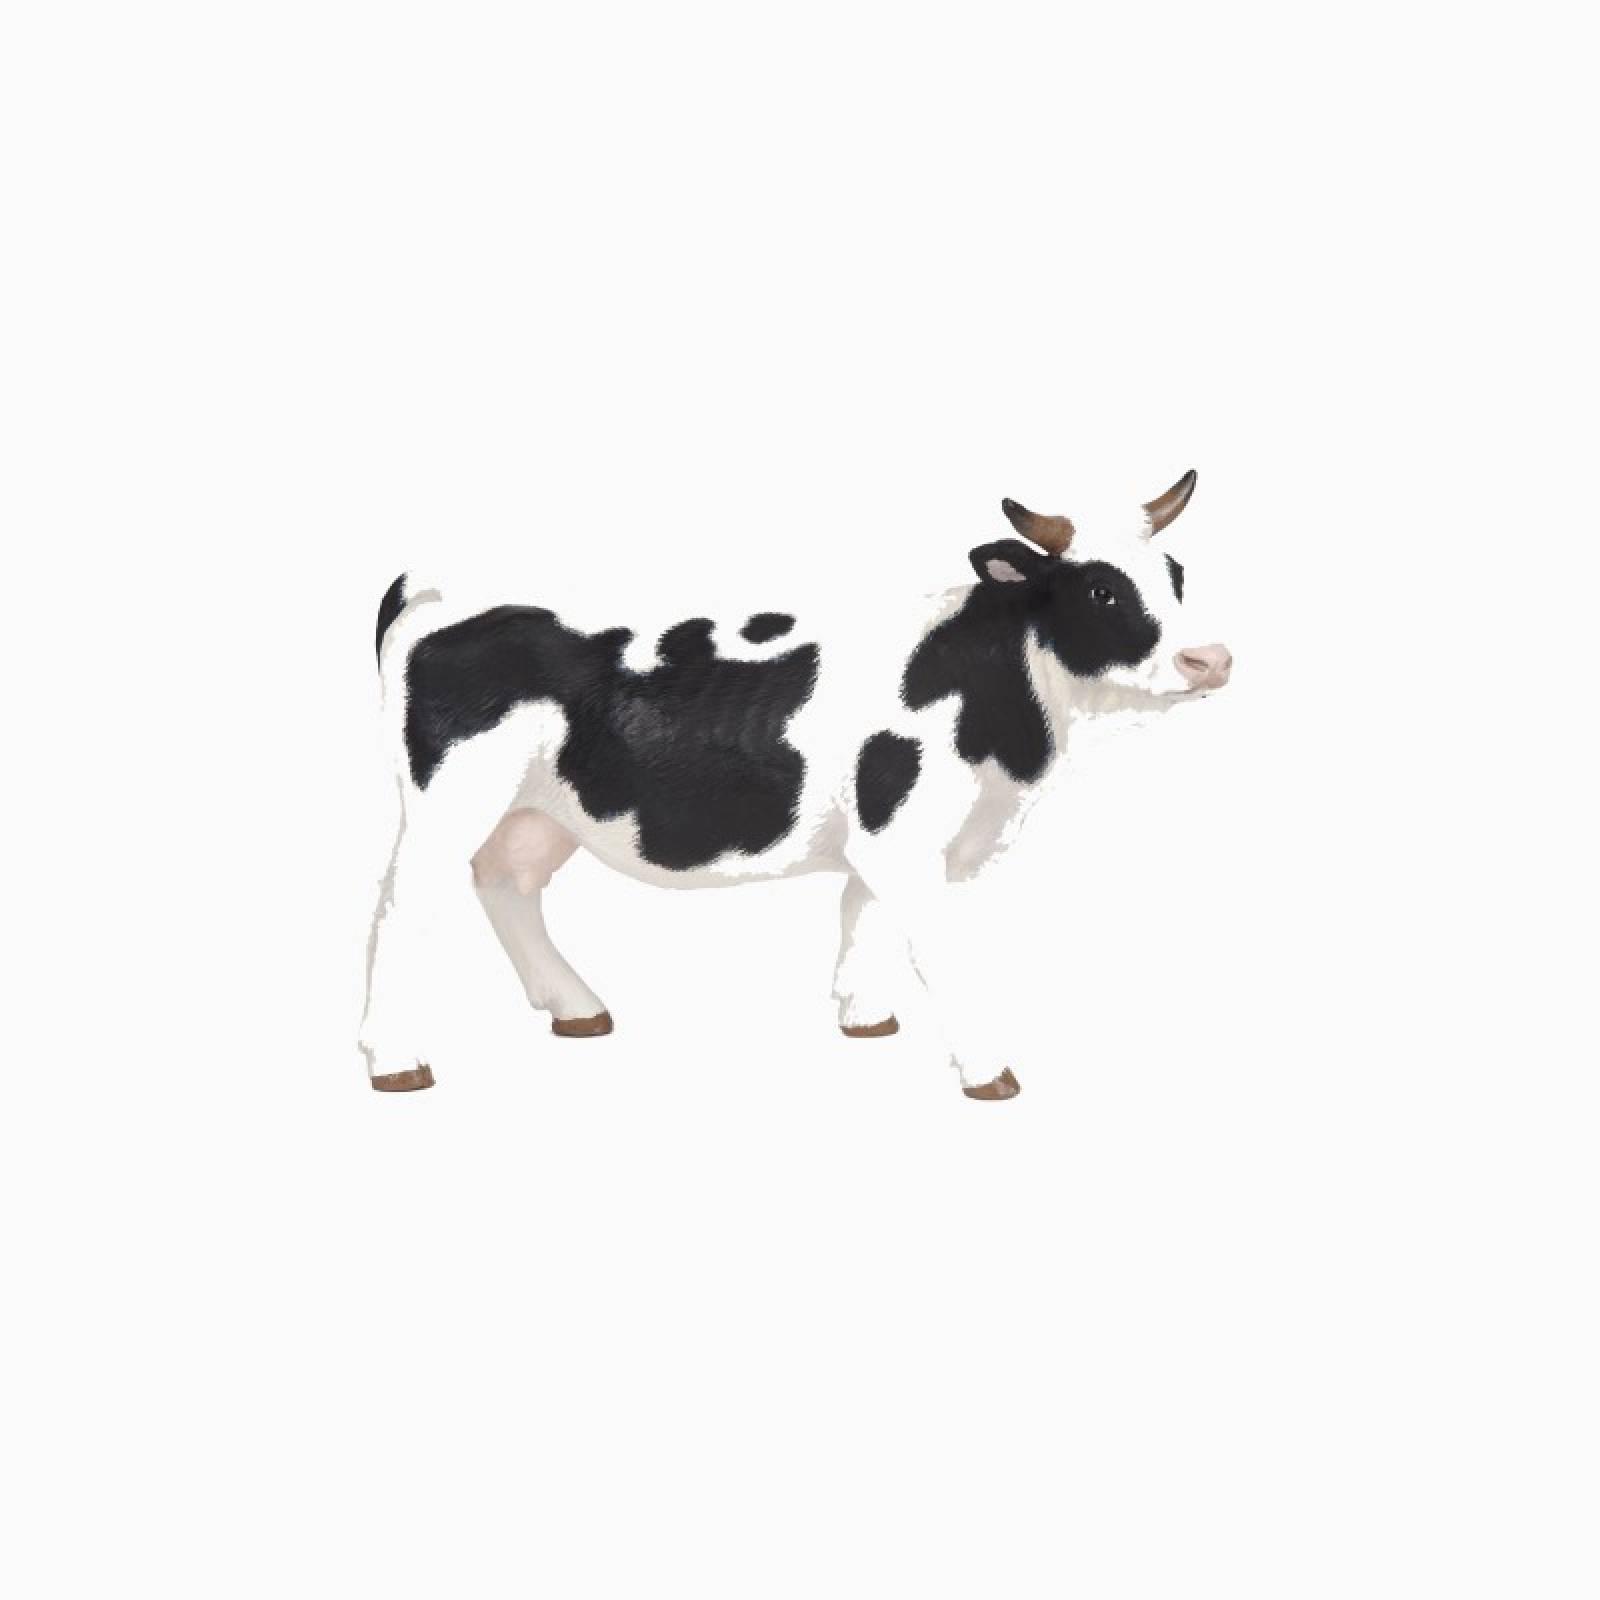 Black & White Cow - Papo Farm Animal Figure